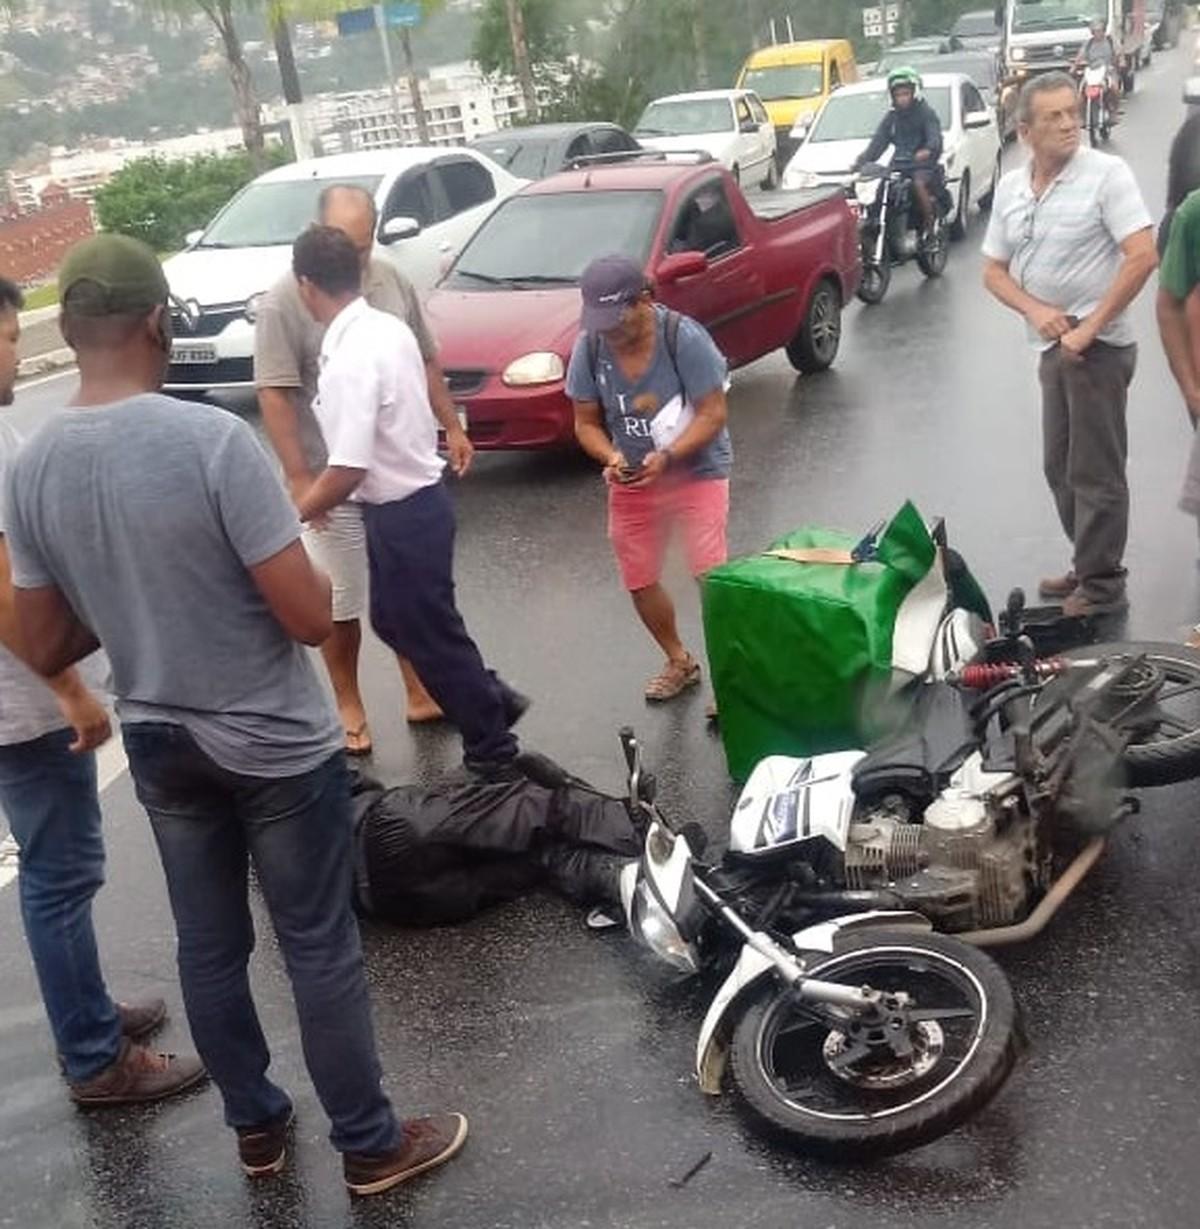 Motociclista fica ferido em acidente com ônibus em Angra dos Reis - G1